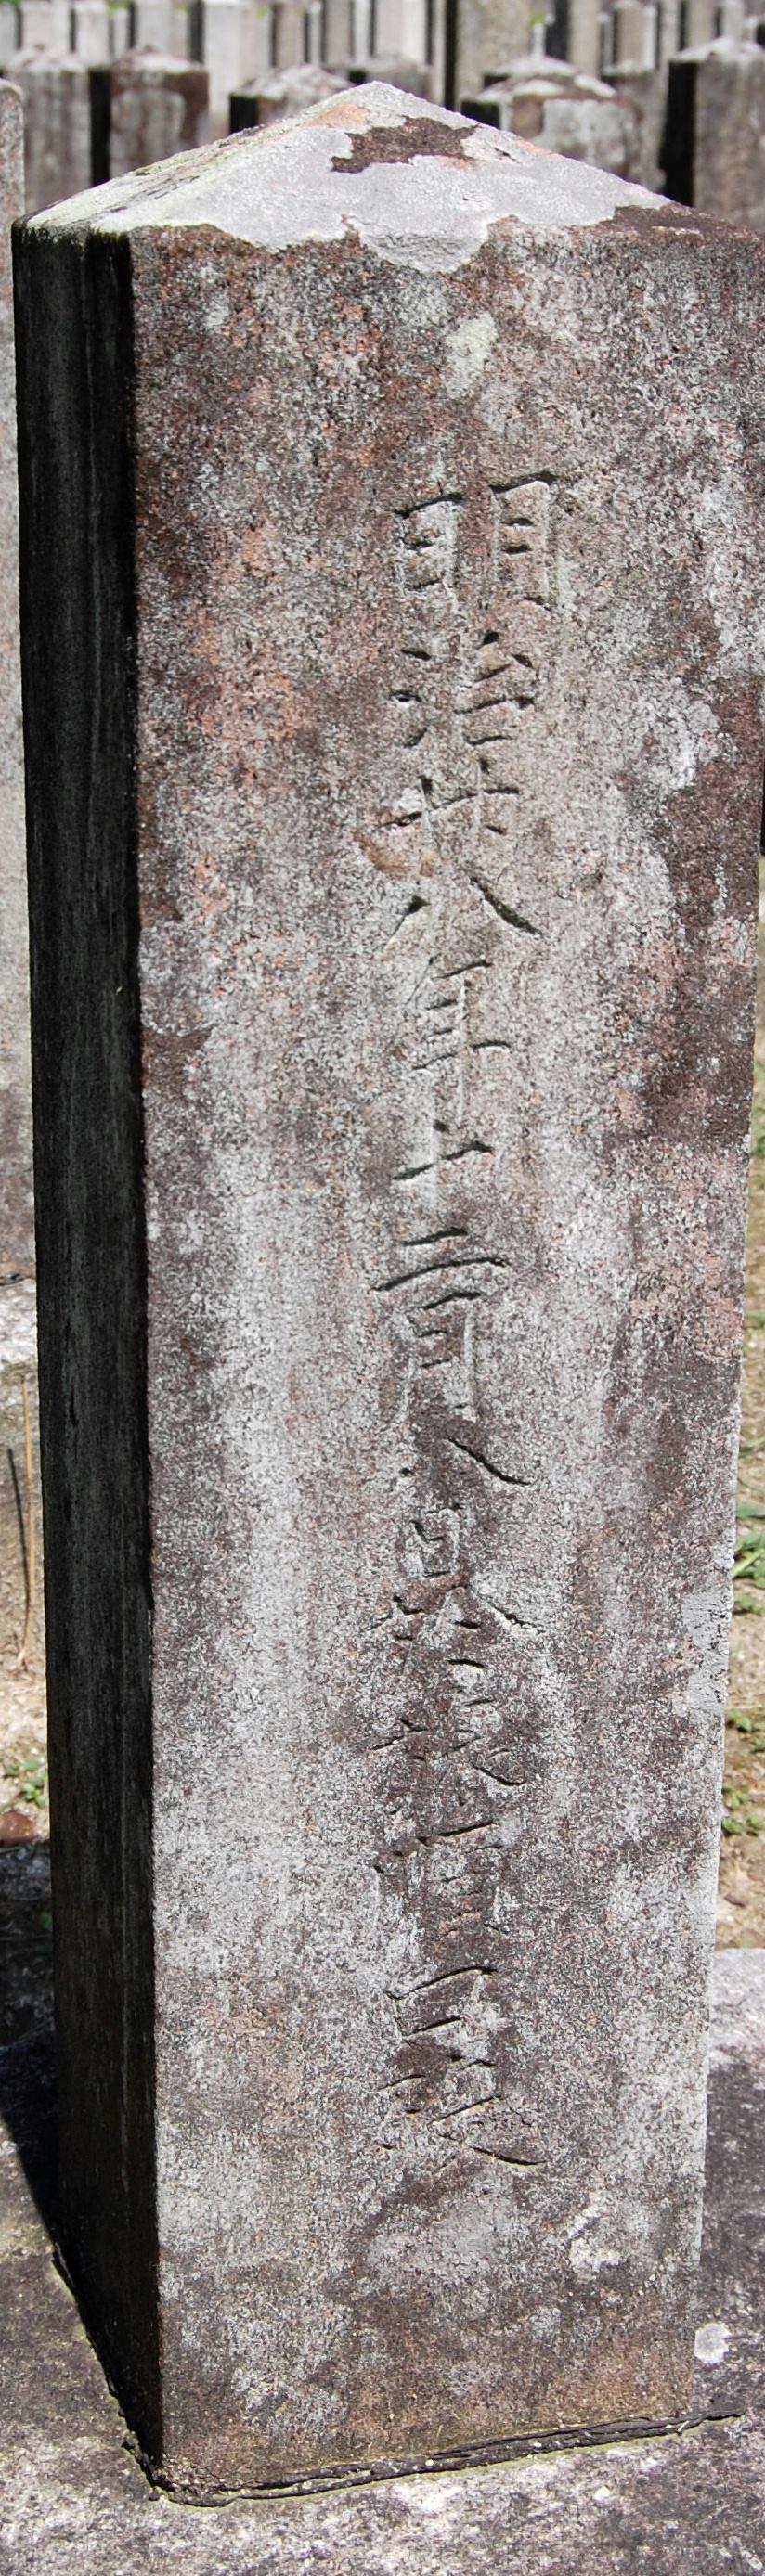 「明治廿八年十二月八日於旅順口歿」(大塚長治郎墓碑)